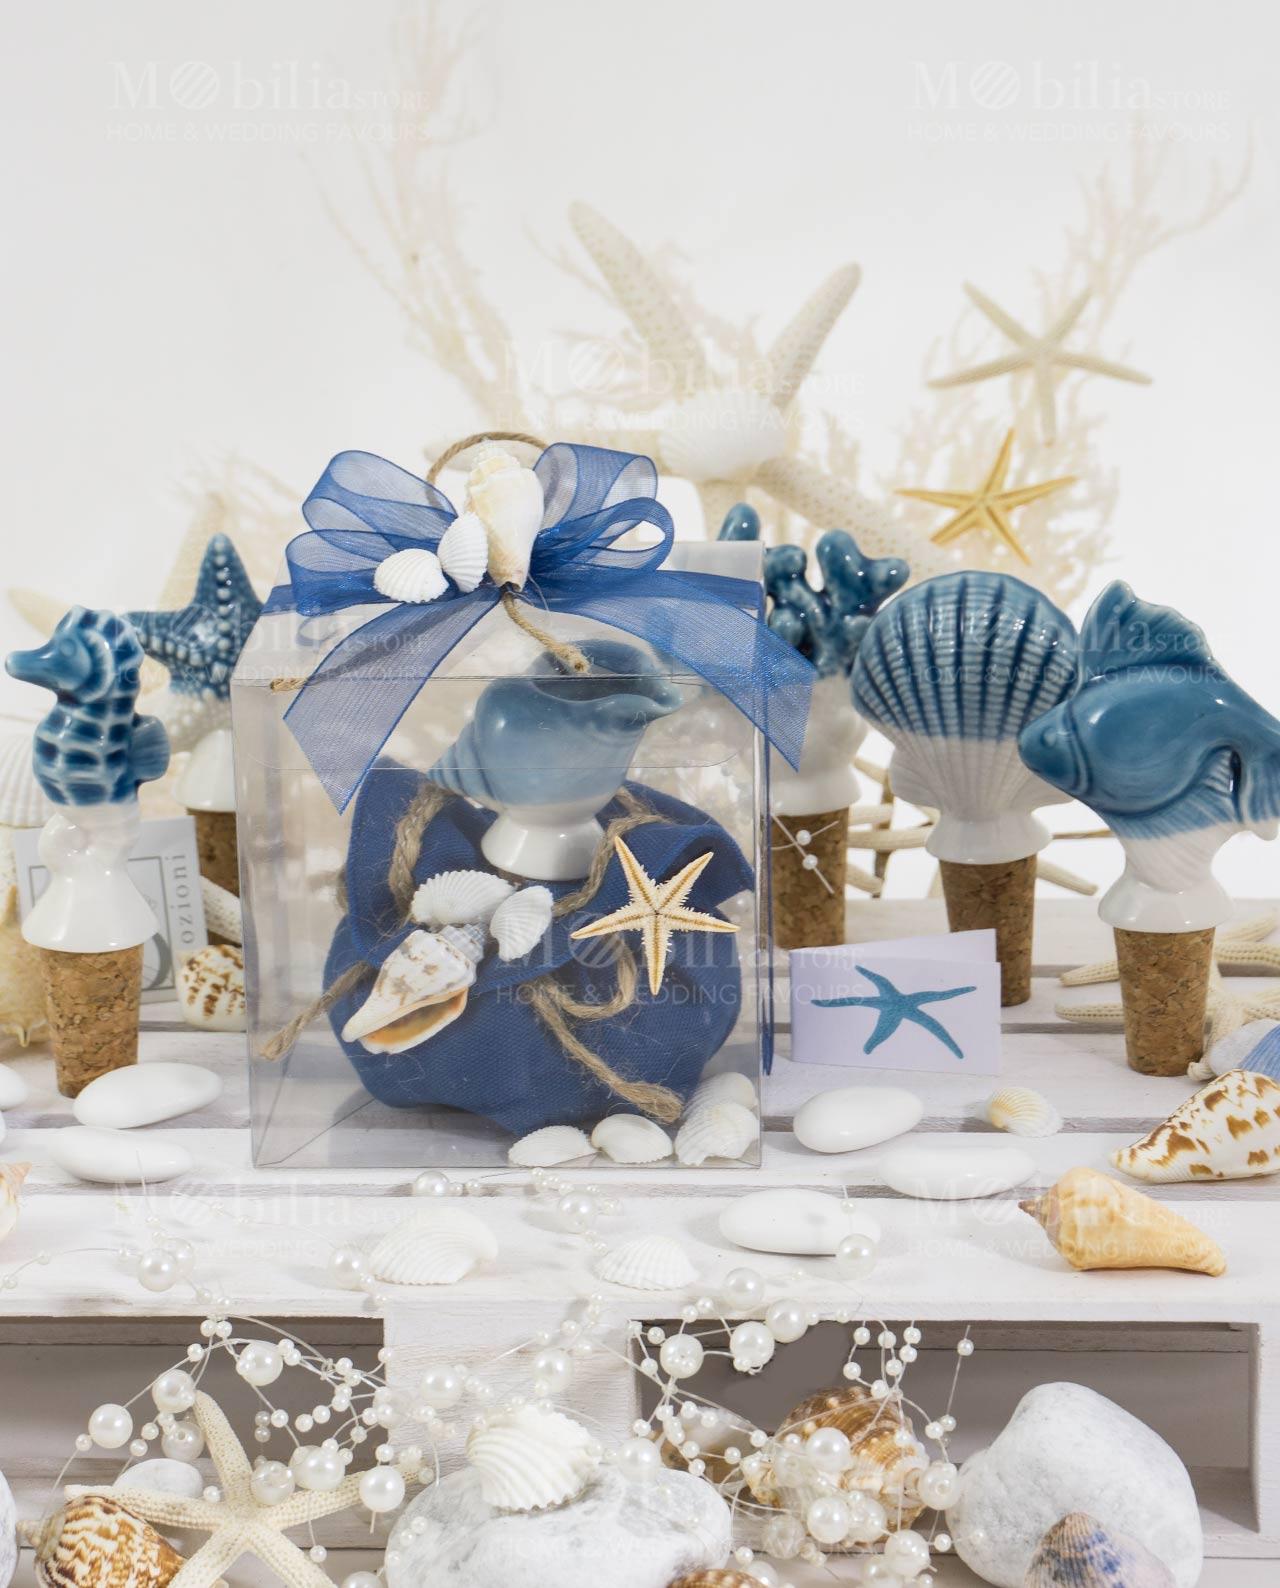 Matrimonio Tema Emozioni : Bomboniera tappo linea oceano con scatola ad emozioni collezione